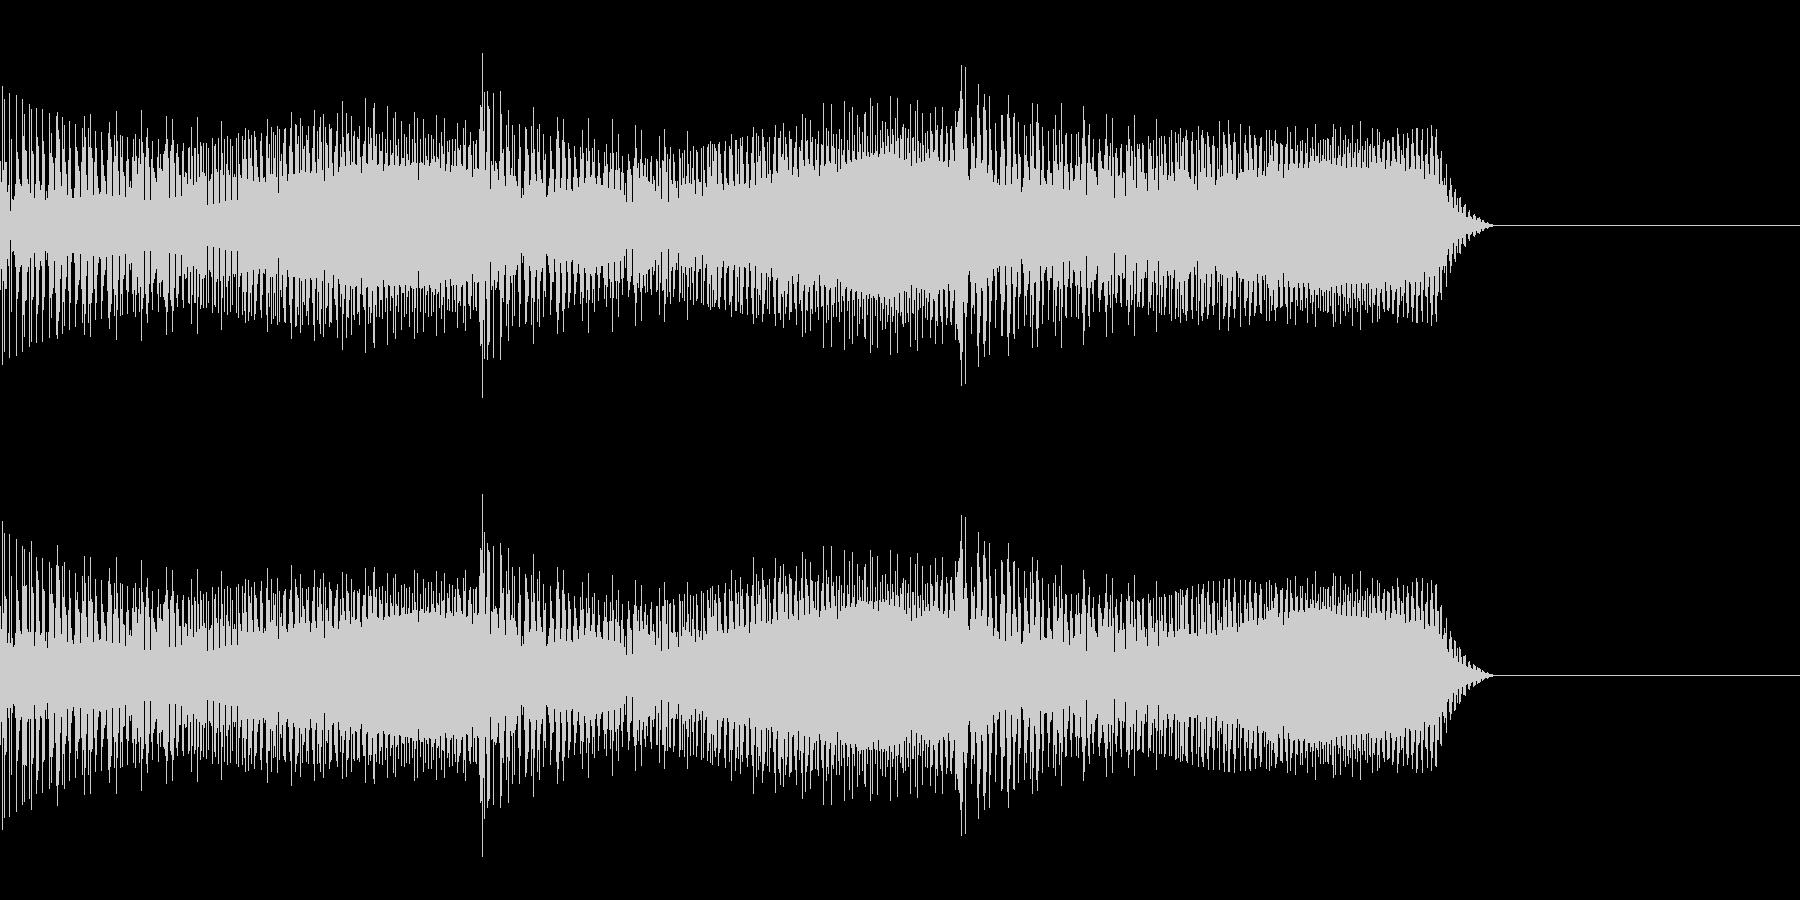 ブーン パワーチャージ音の未再生の波形